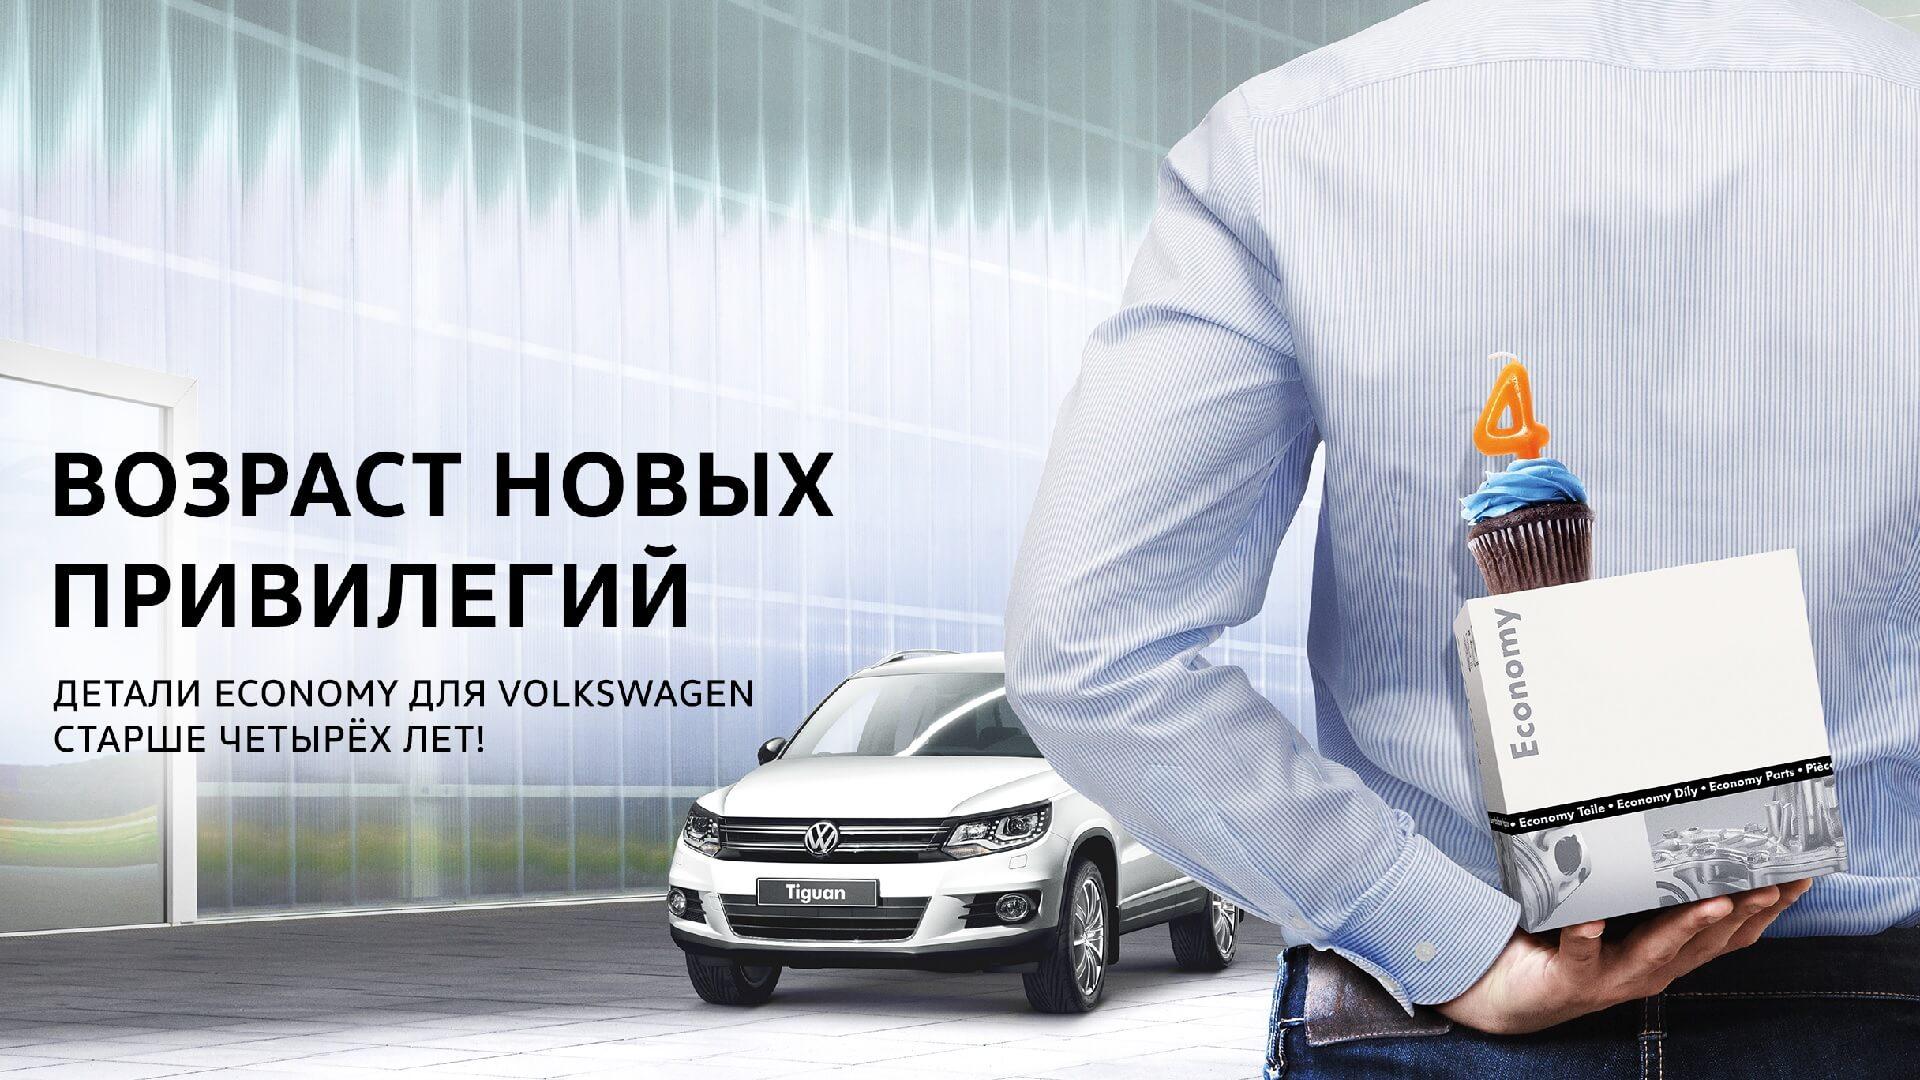 Детали Volkswagen Economy: отличная цена, проверенное качество.